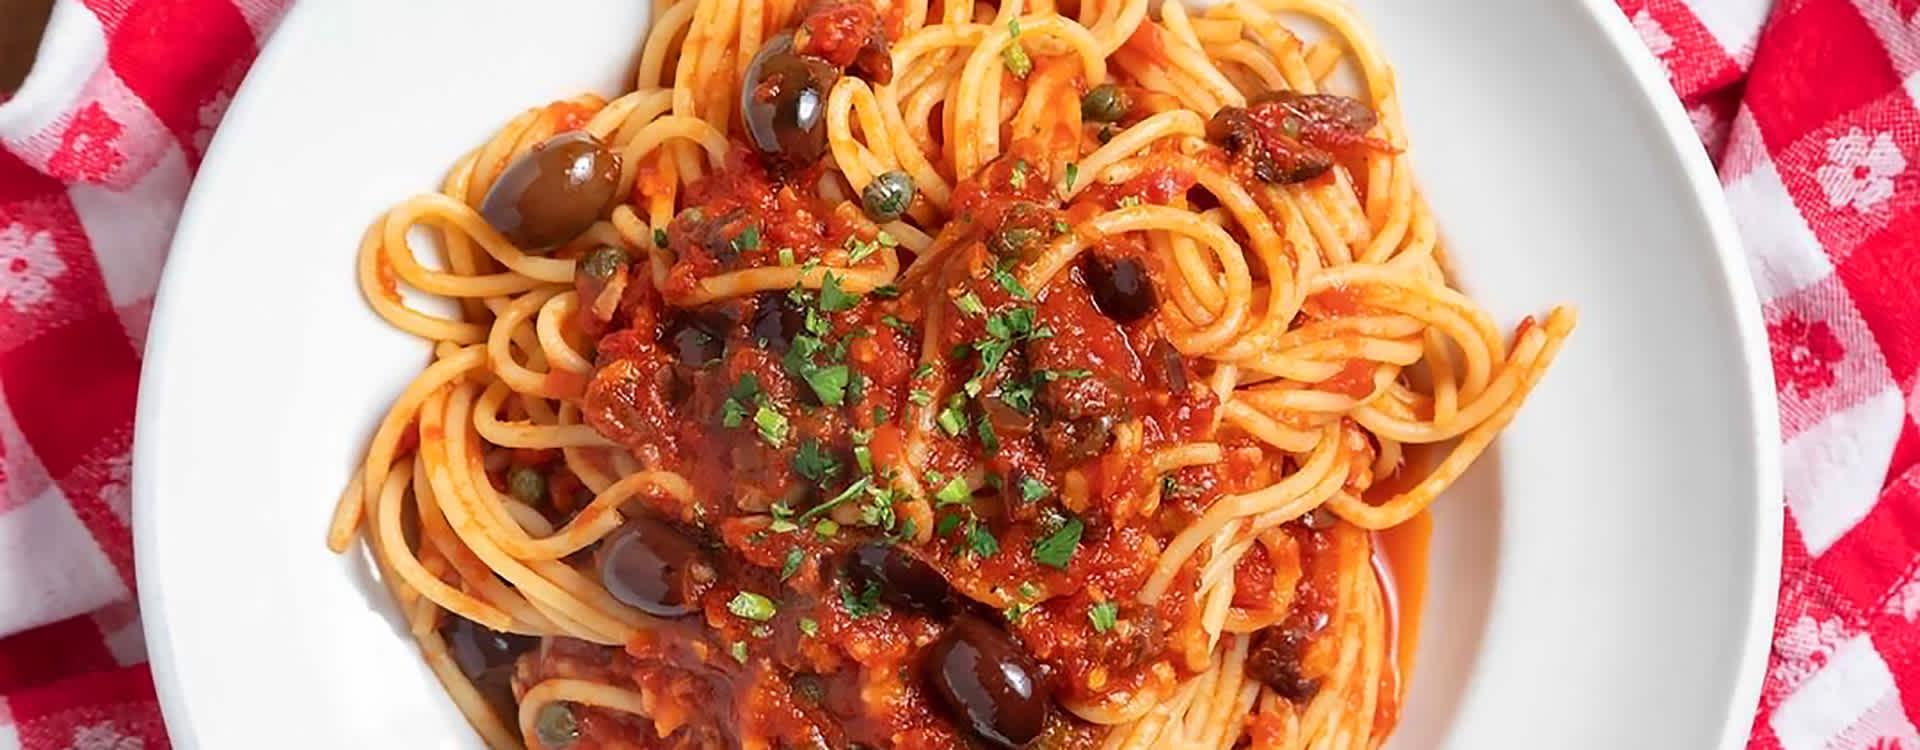 Vince's Italian Food in Burien